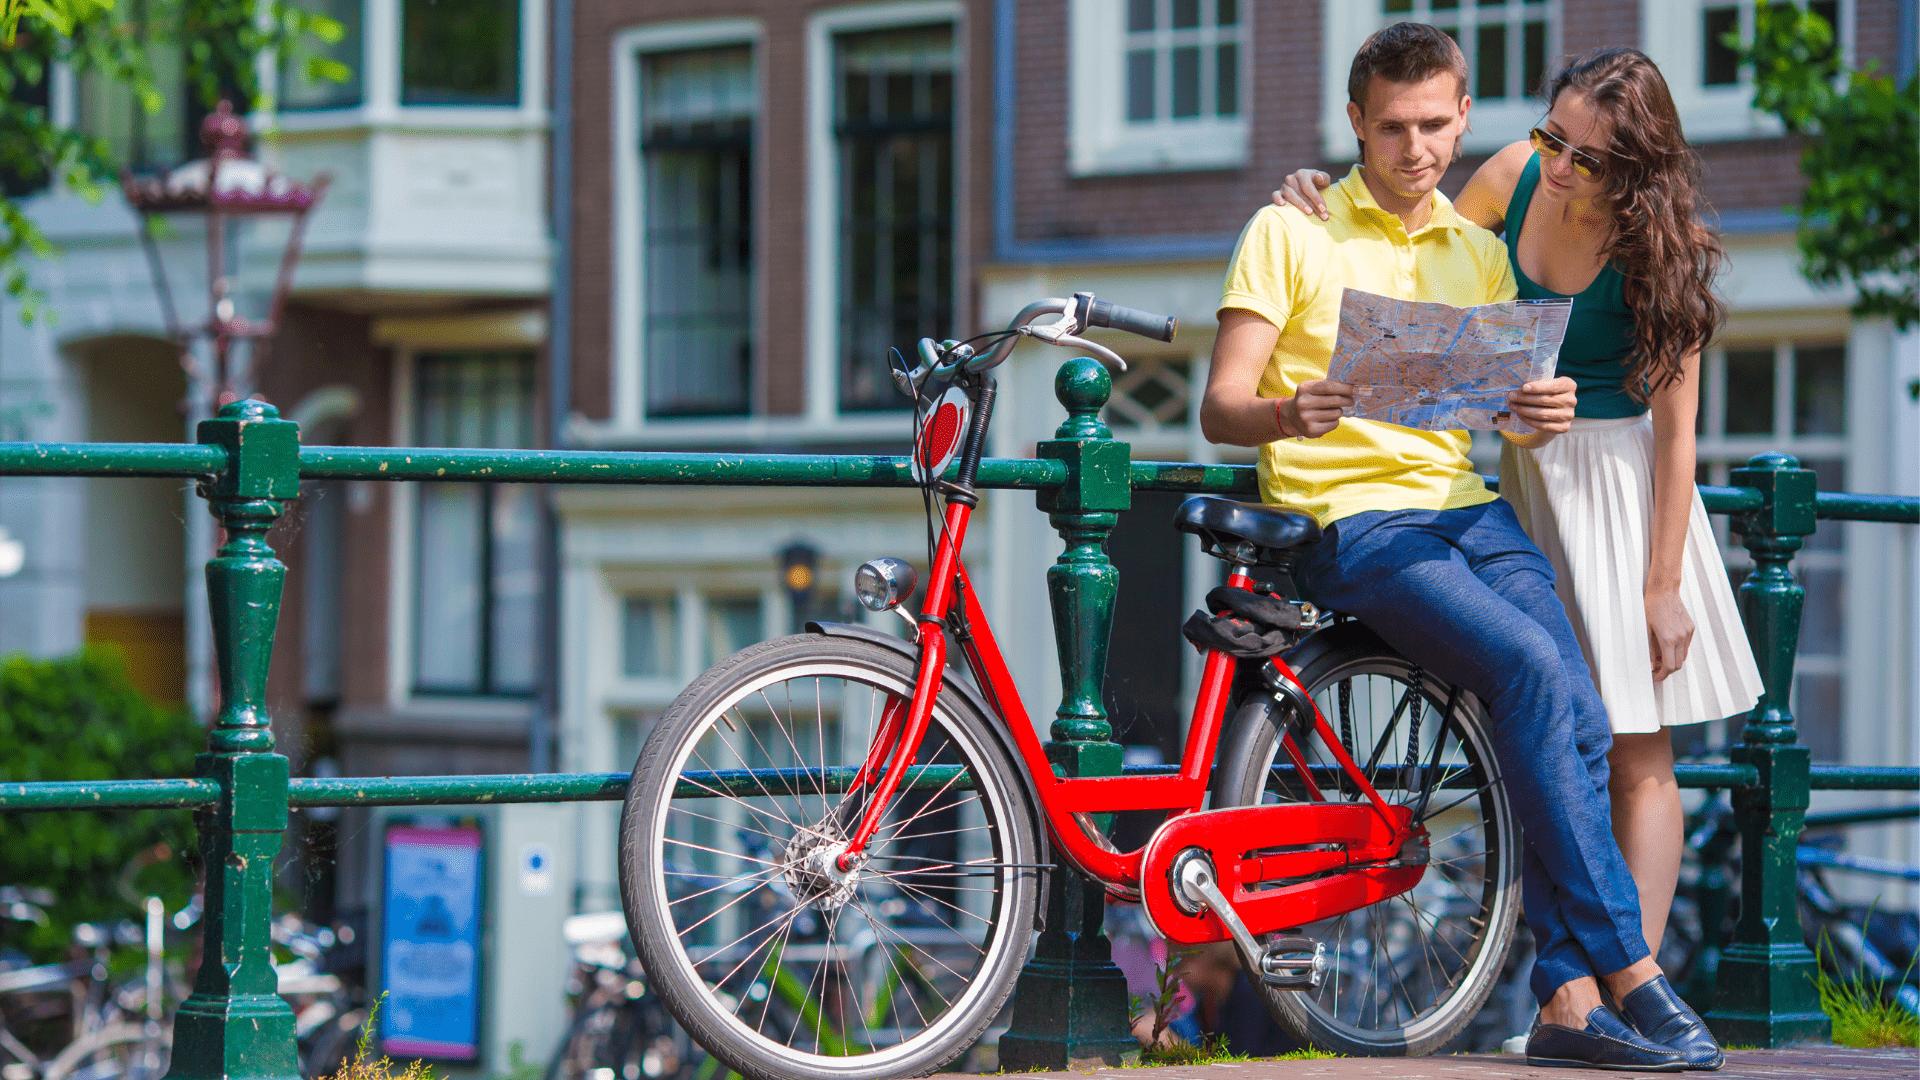 Kiekvienam apsilankiusiam Amsterdame yra rekomenduojama pasivažinėti dviračiais